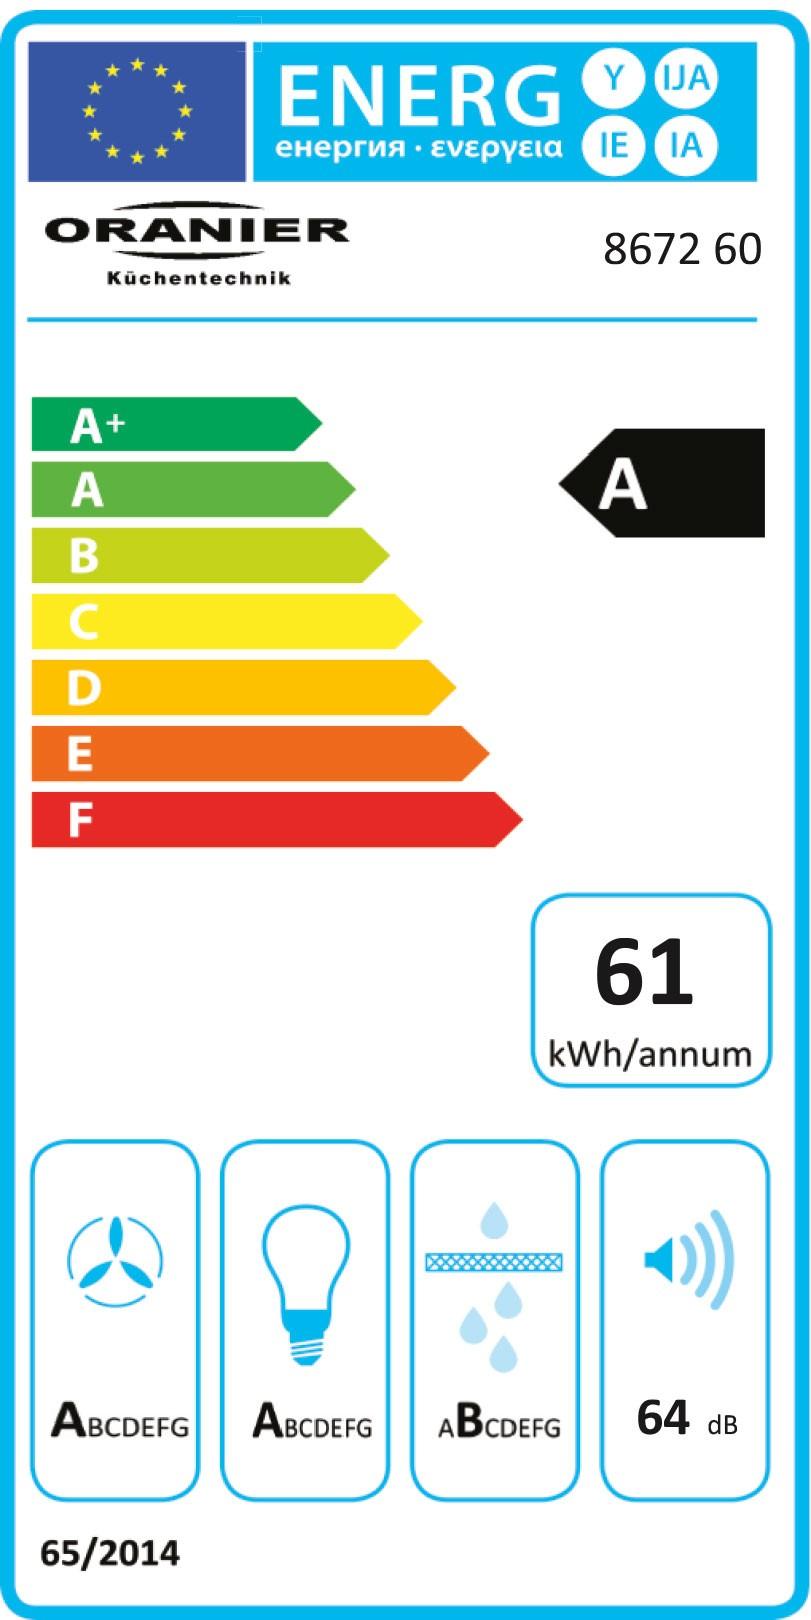 Energieklasse A||2